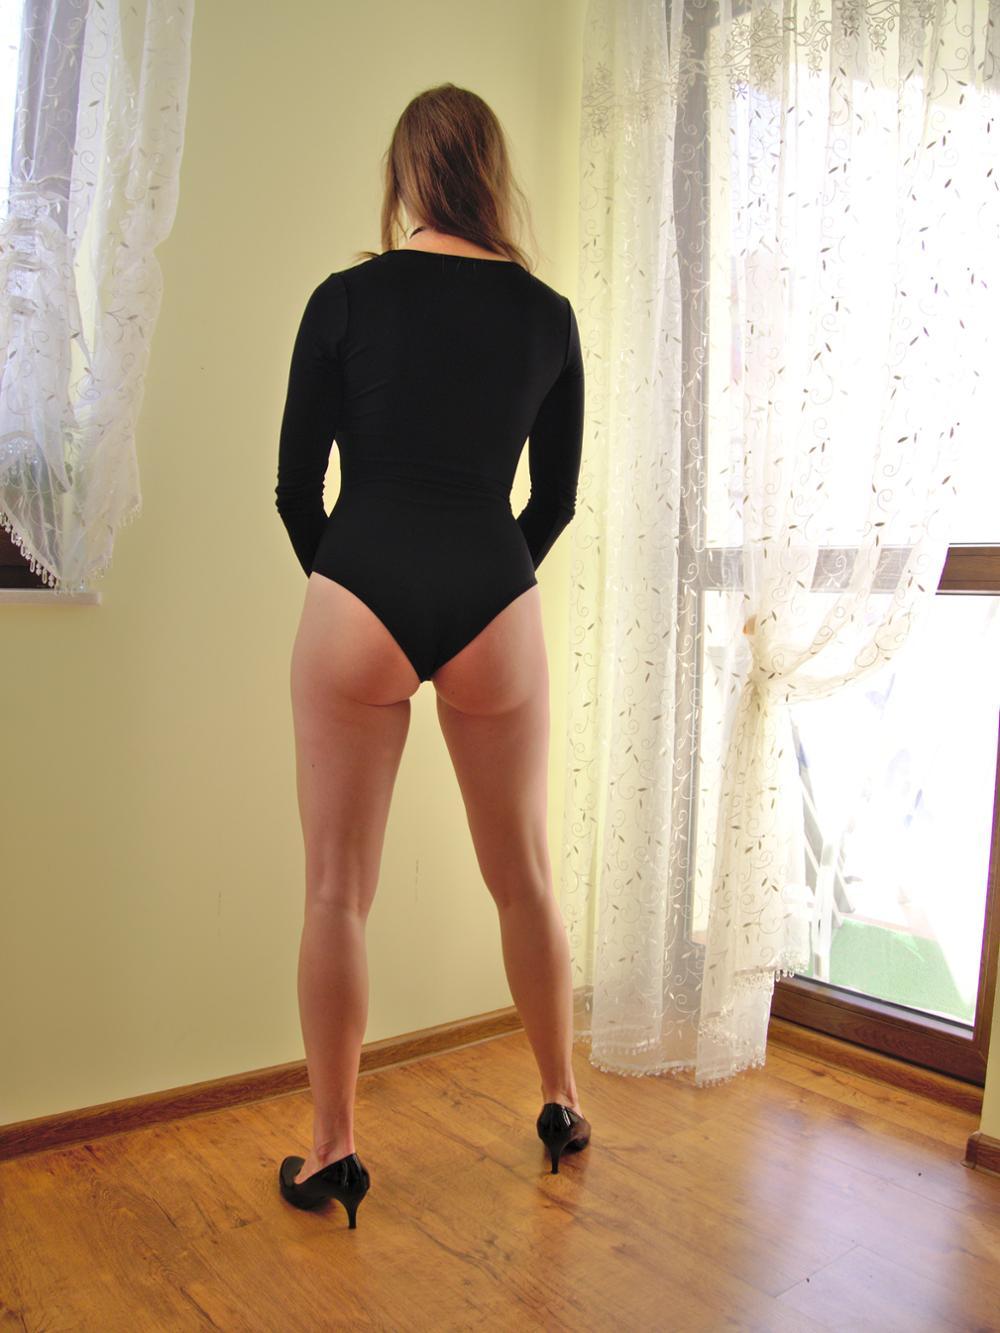 OOTN хлопок вязаный глубоким v-образным вырезом боди Для женщин осень с длинным рукавом комбинезон скинни черный комбинезон весна в целом красные зимние